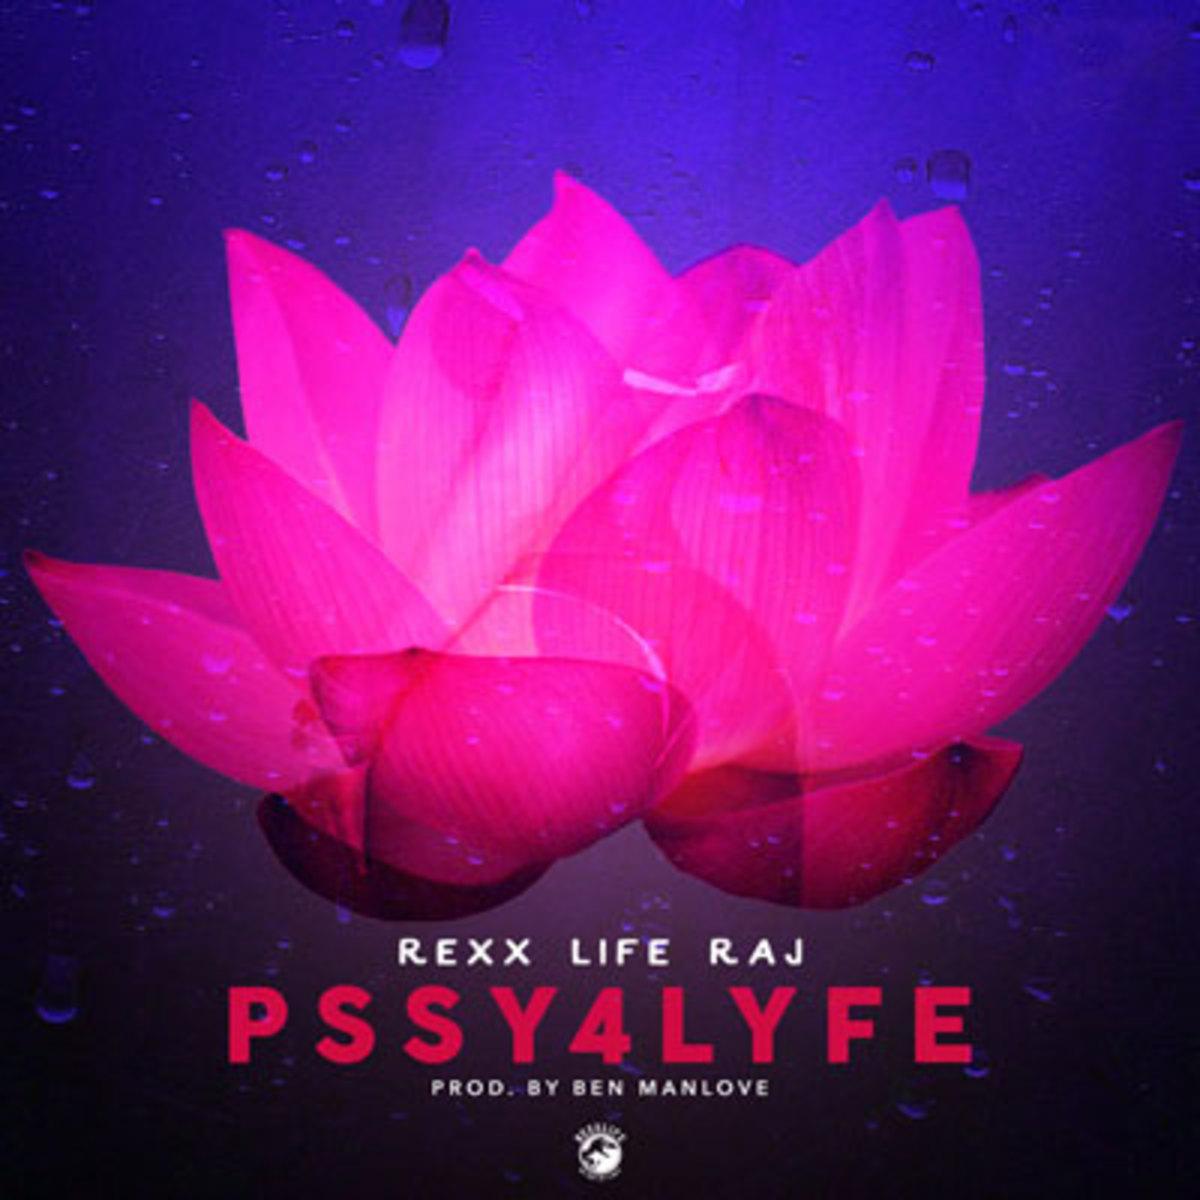 rexx-life-raj-pssy4lyfe.jpg